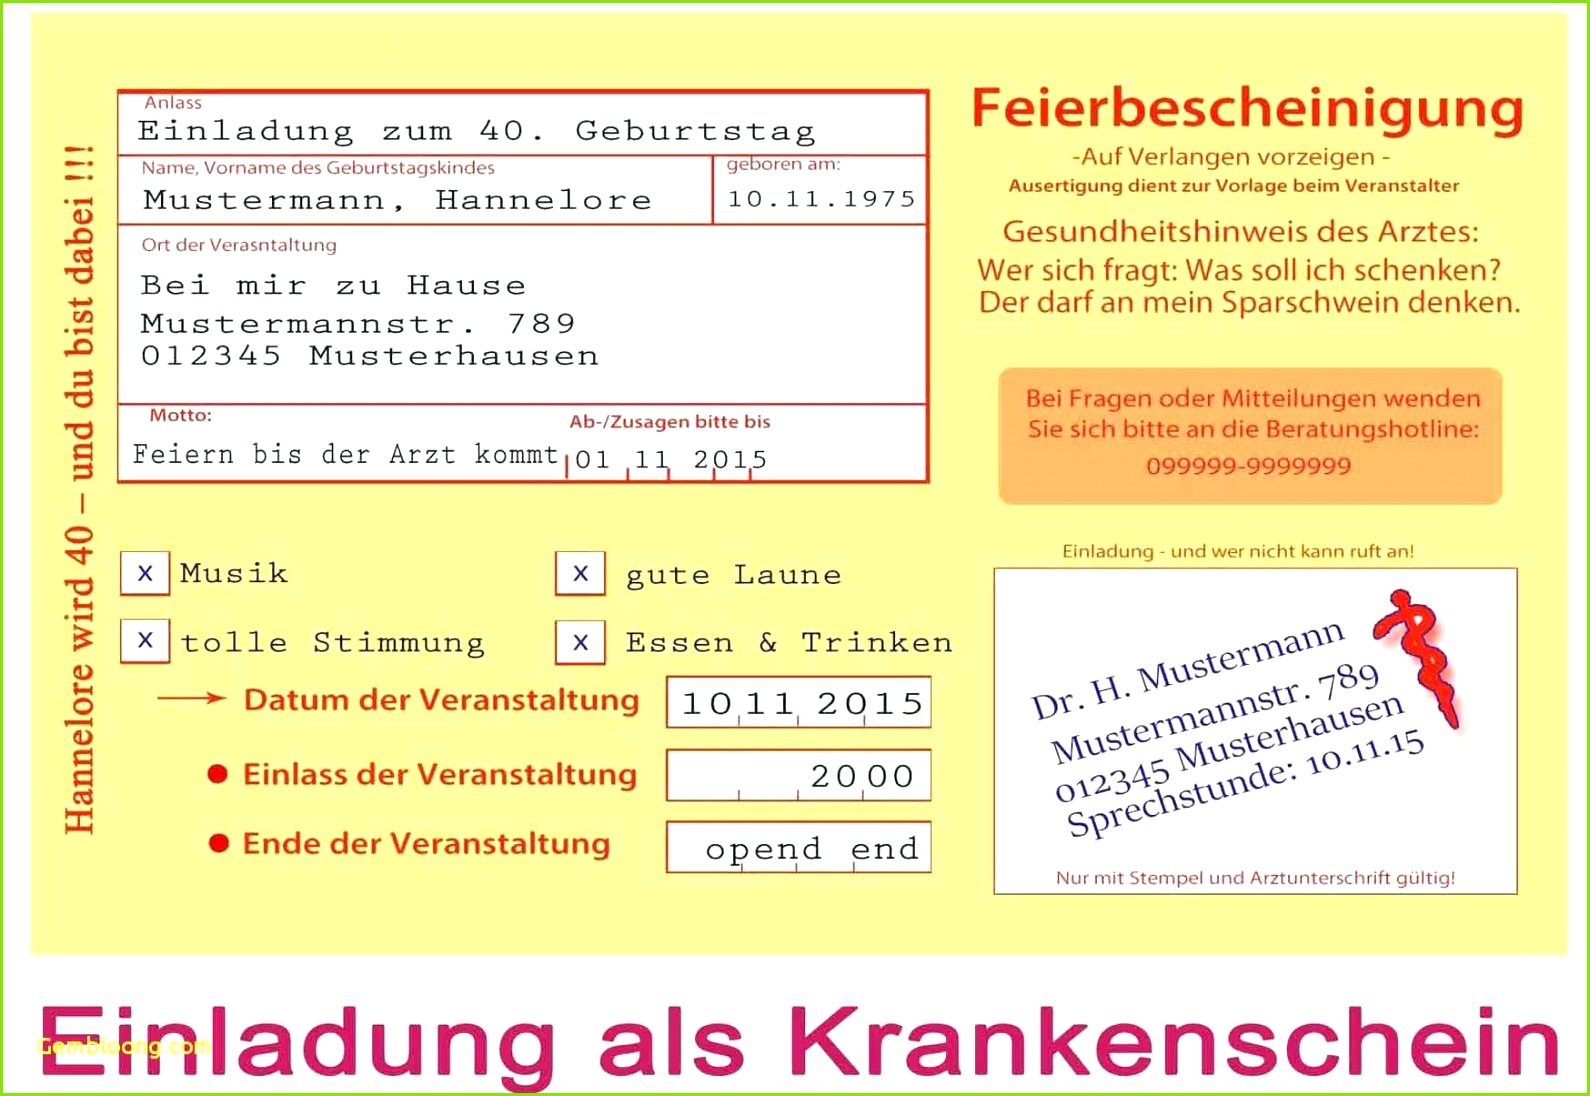 Einladung 60 Geburtstag Vorlagen Kostenlos Einladungskarten Vorlagen Geburtstag Vorlagen Einladungen 0d